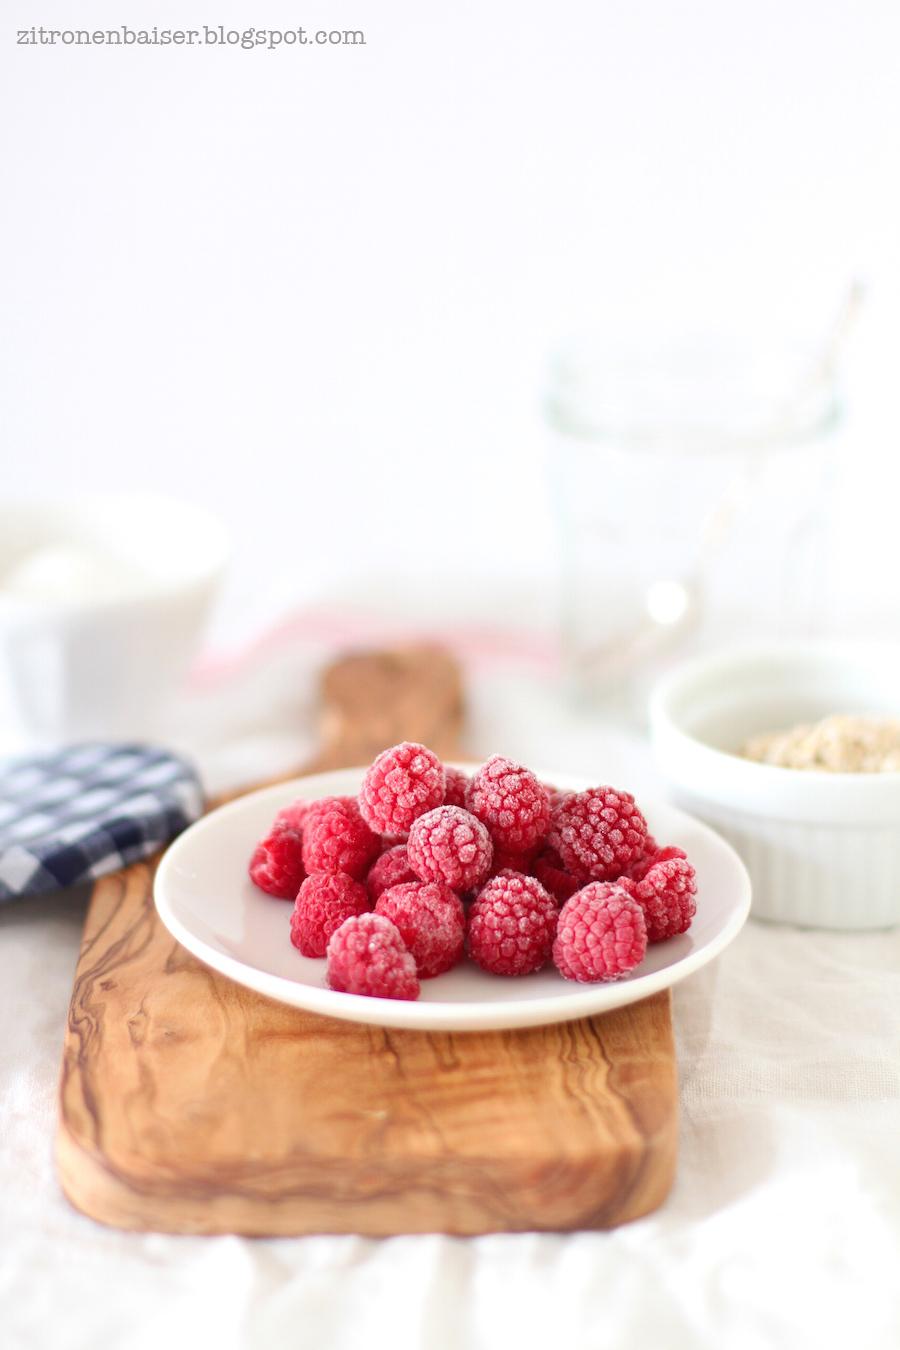 Rezept Overnight Oats mit Himbeeren Zitronenbaiser Foodblog